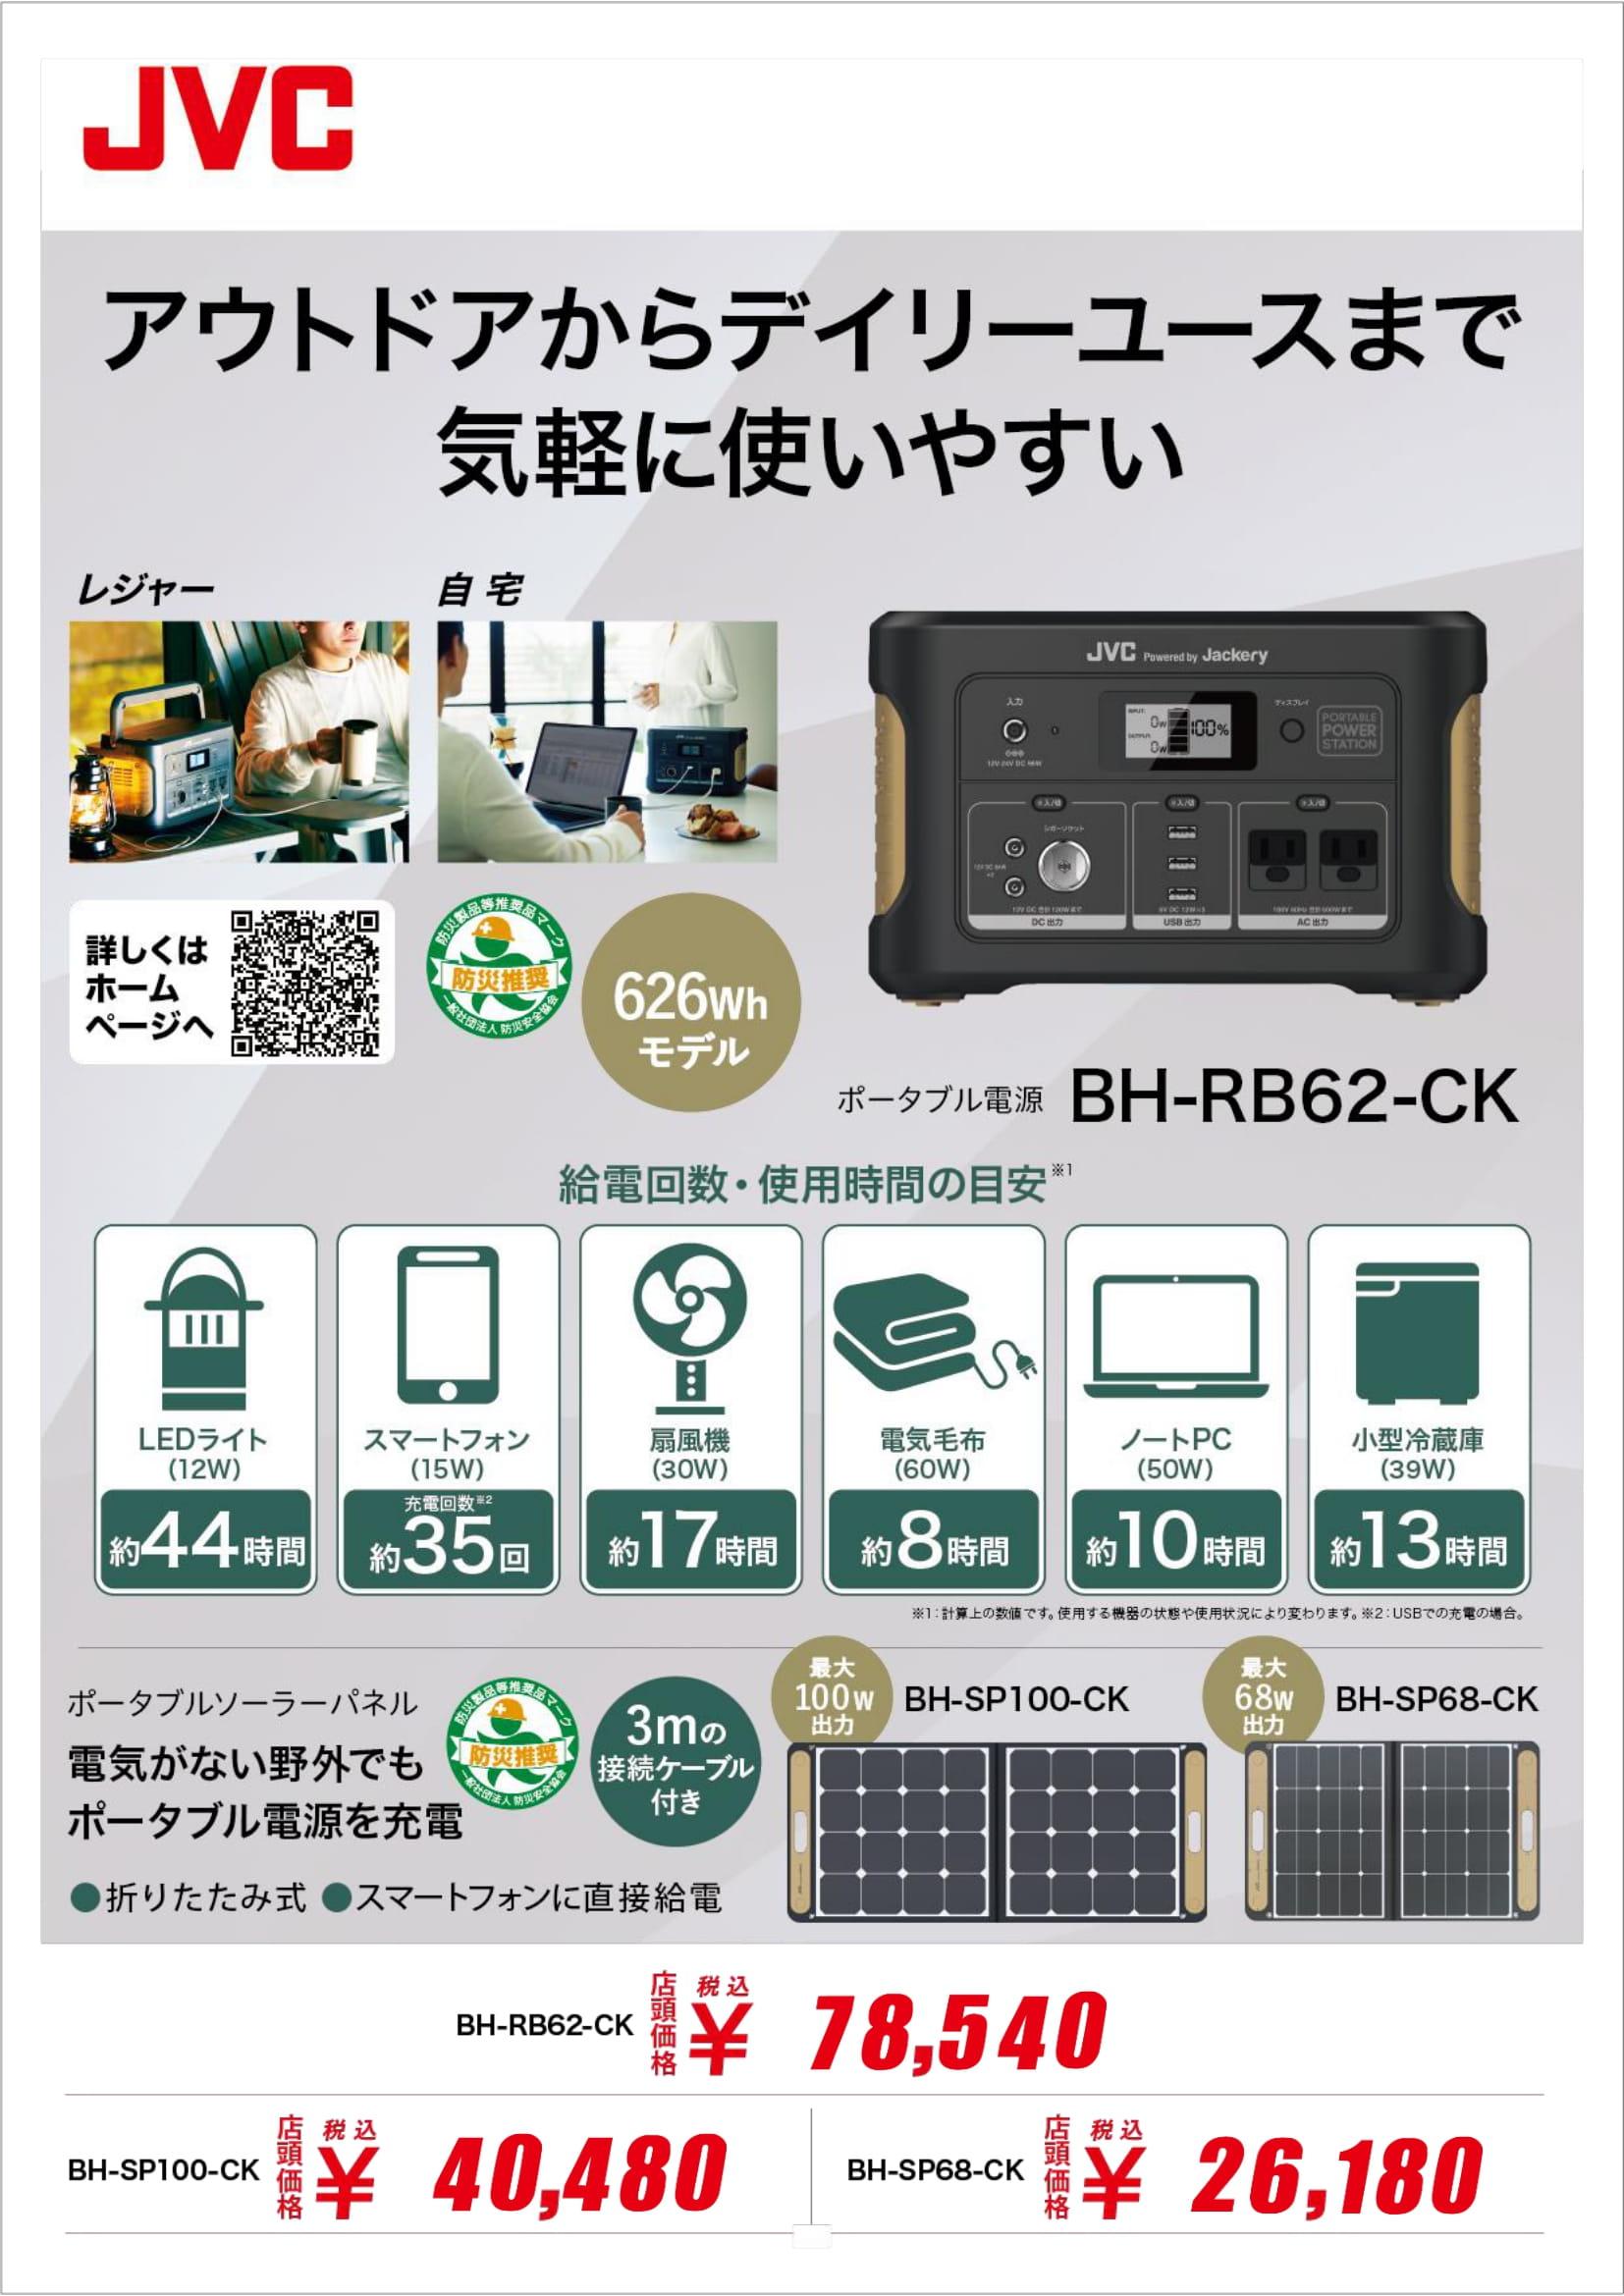 気軽に使いやすい626Wh